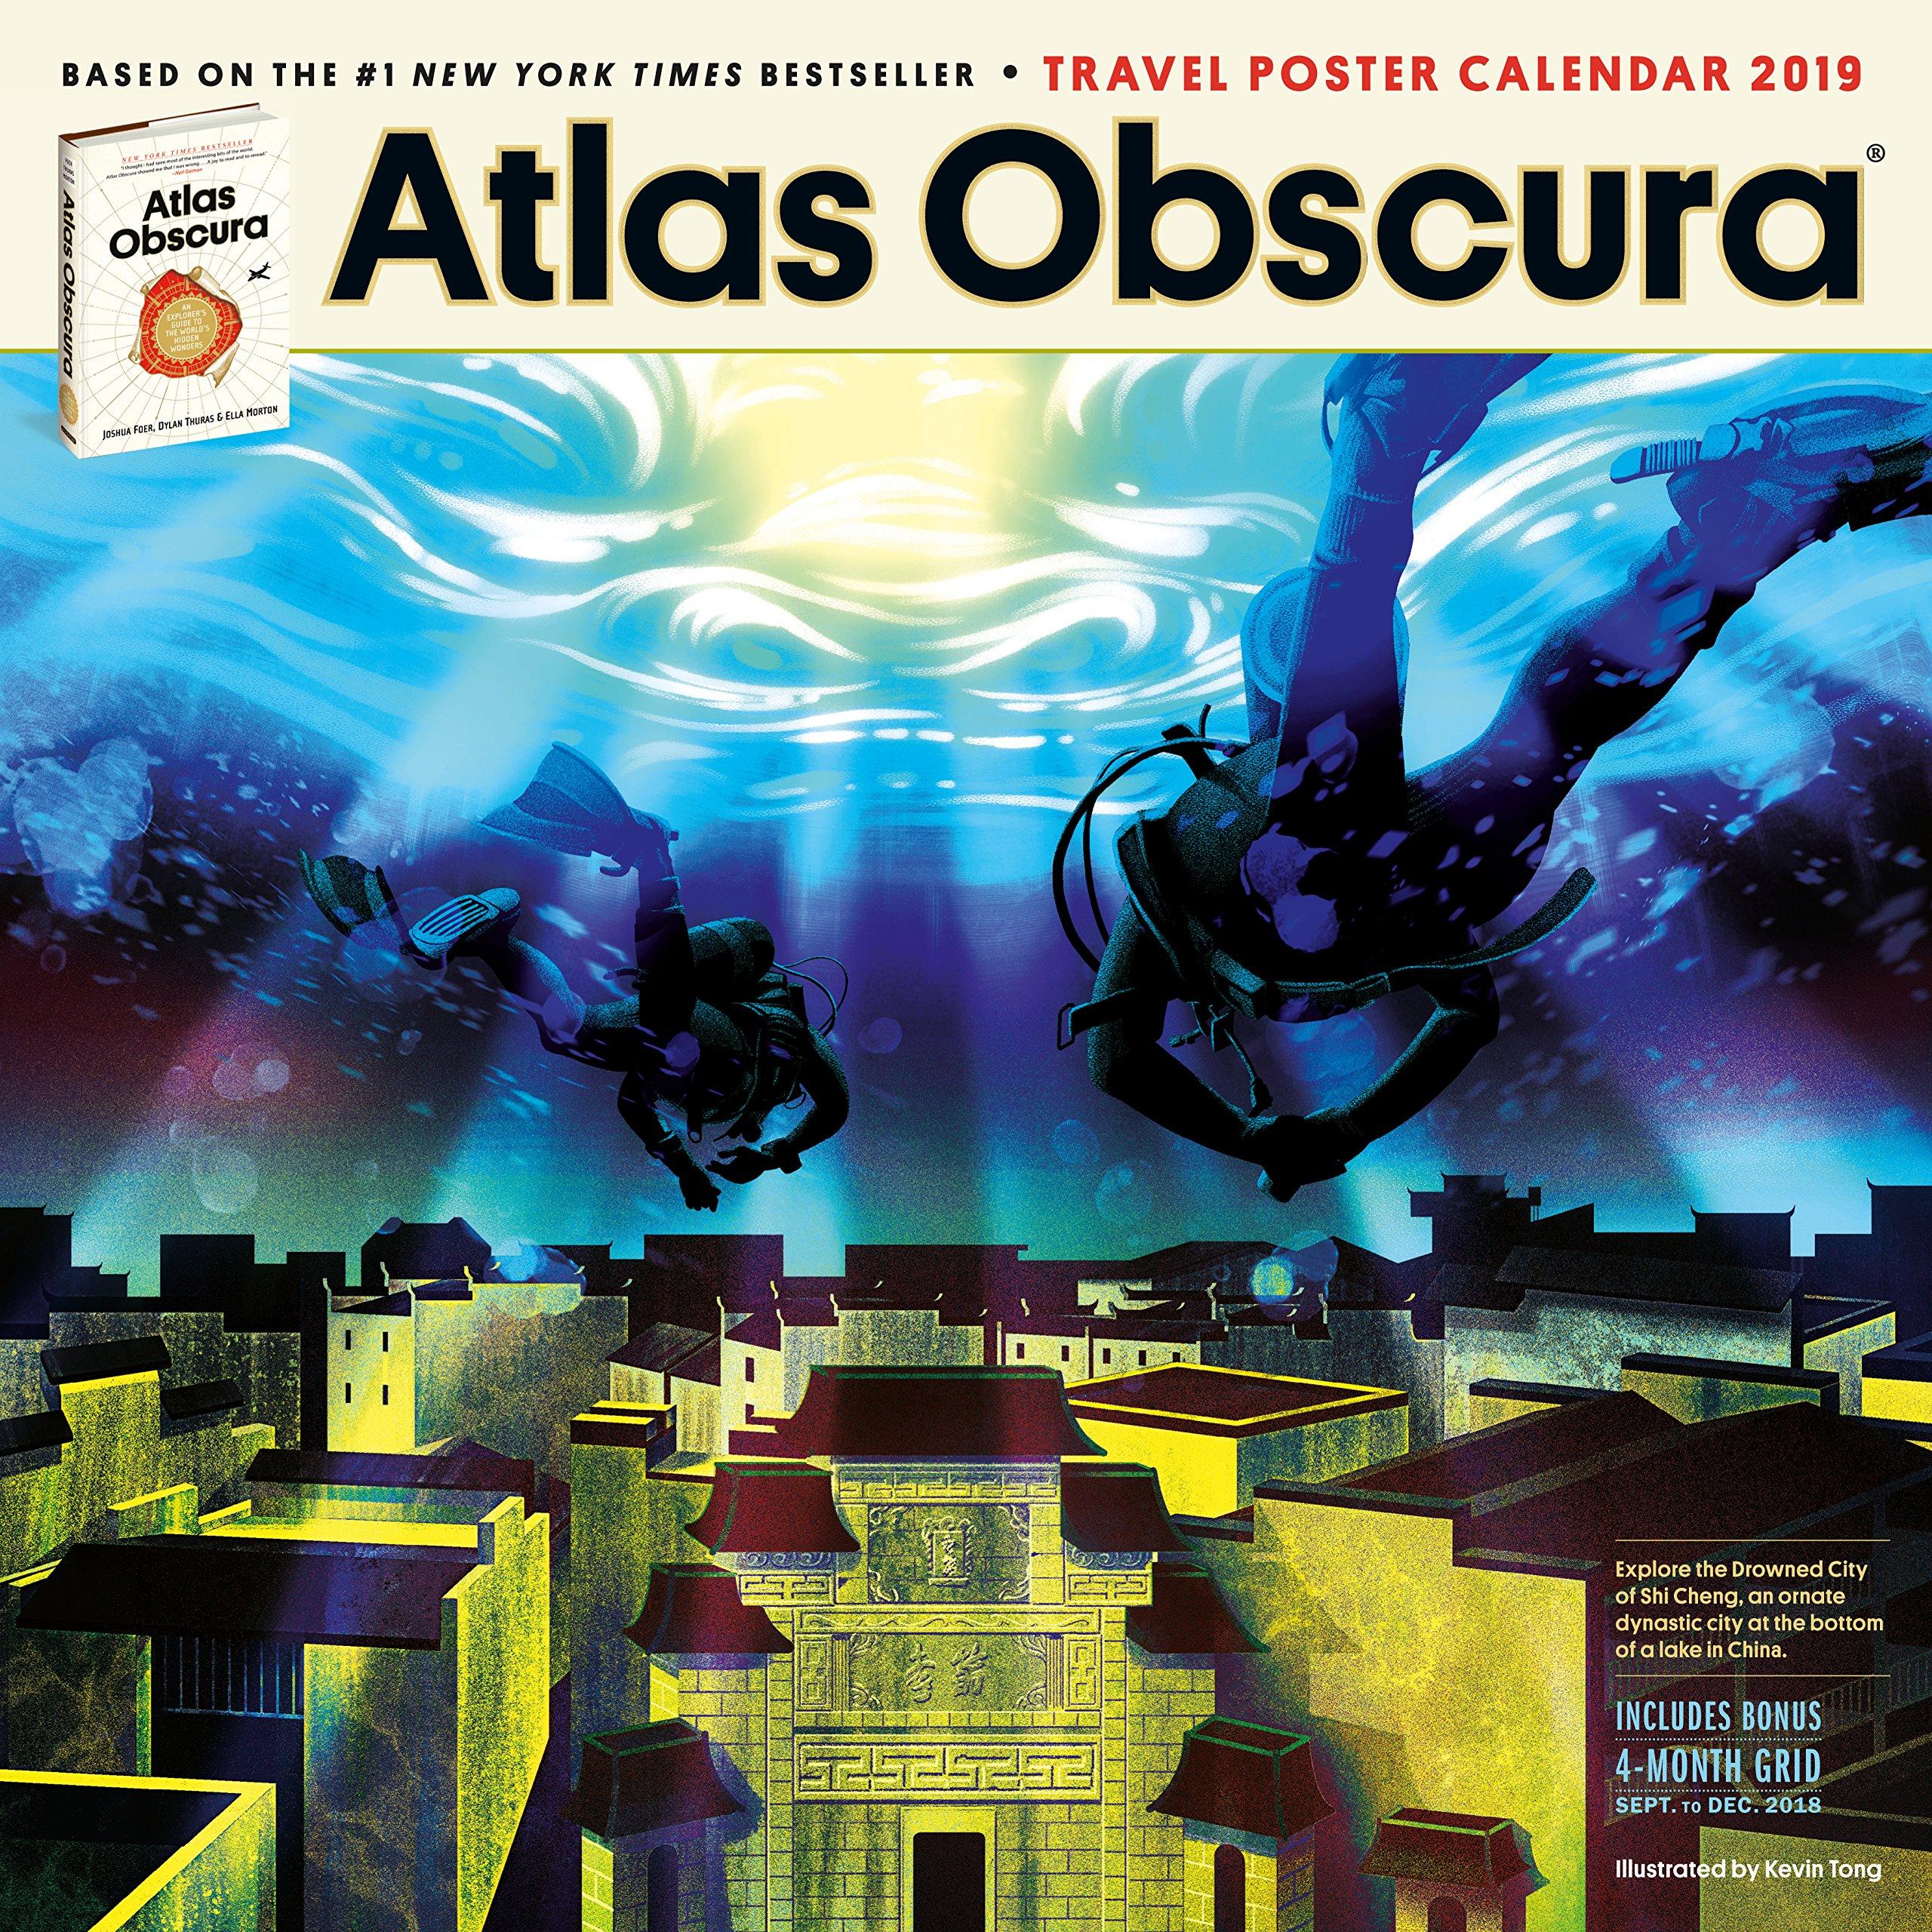 Atlas Obscura Wall Calendar 2019: Atlas Obscura